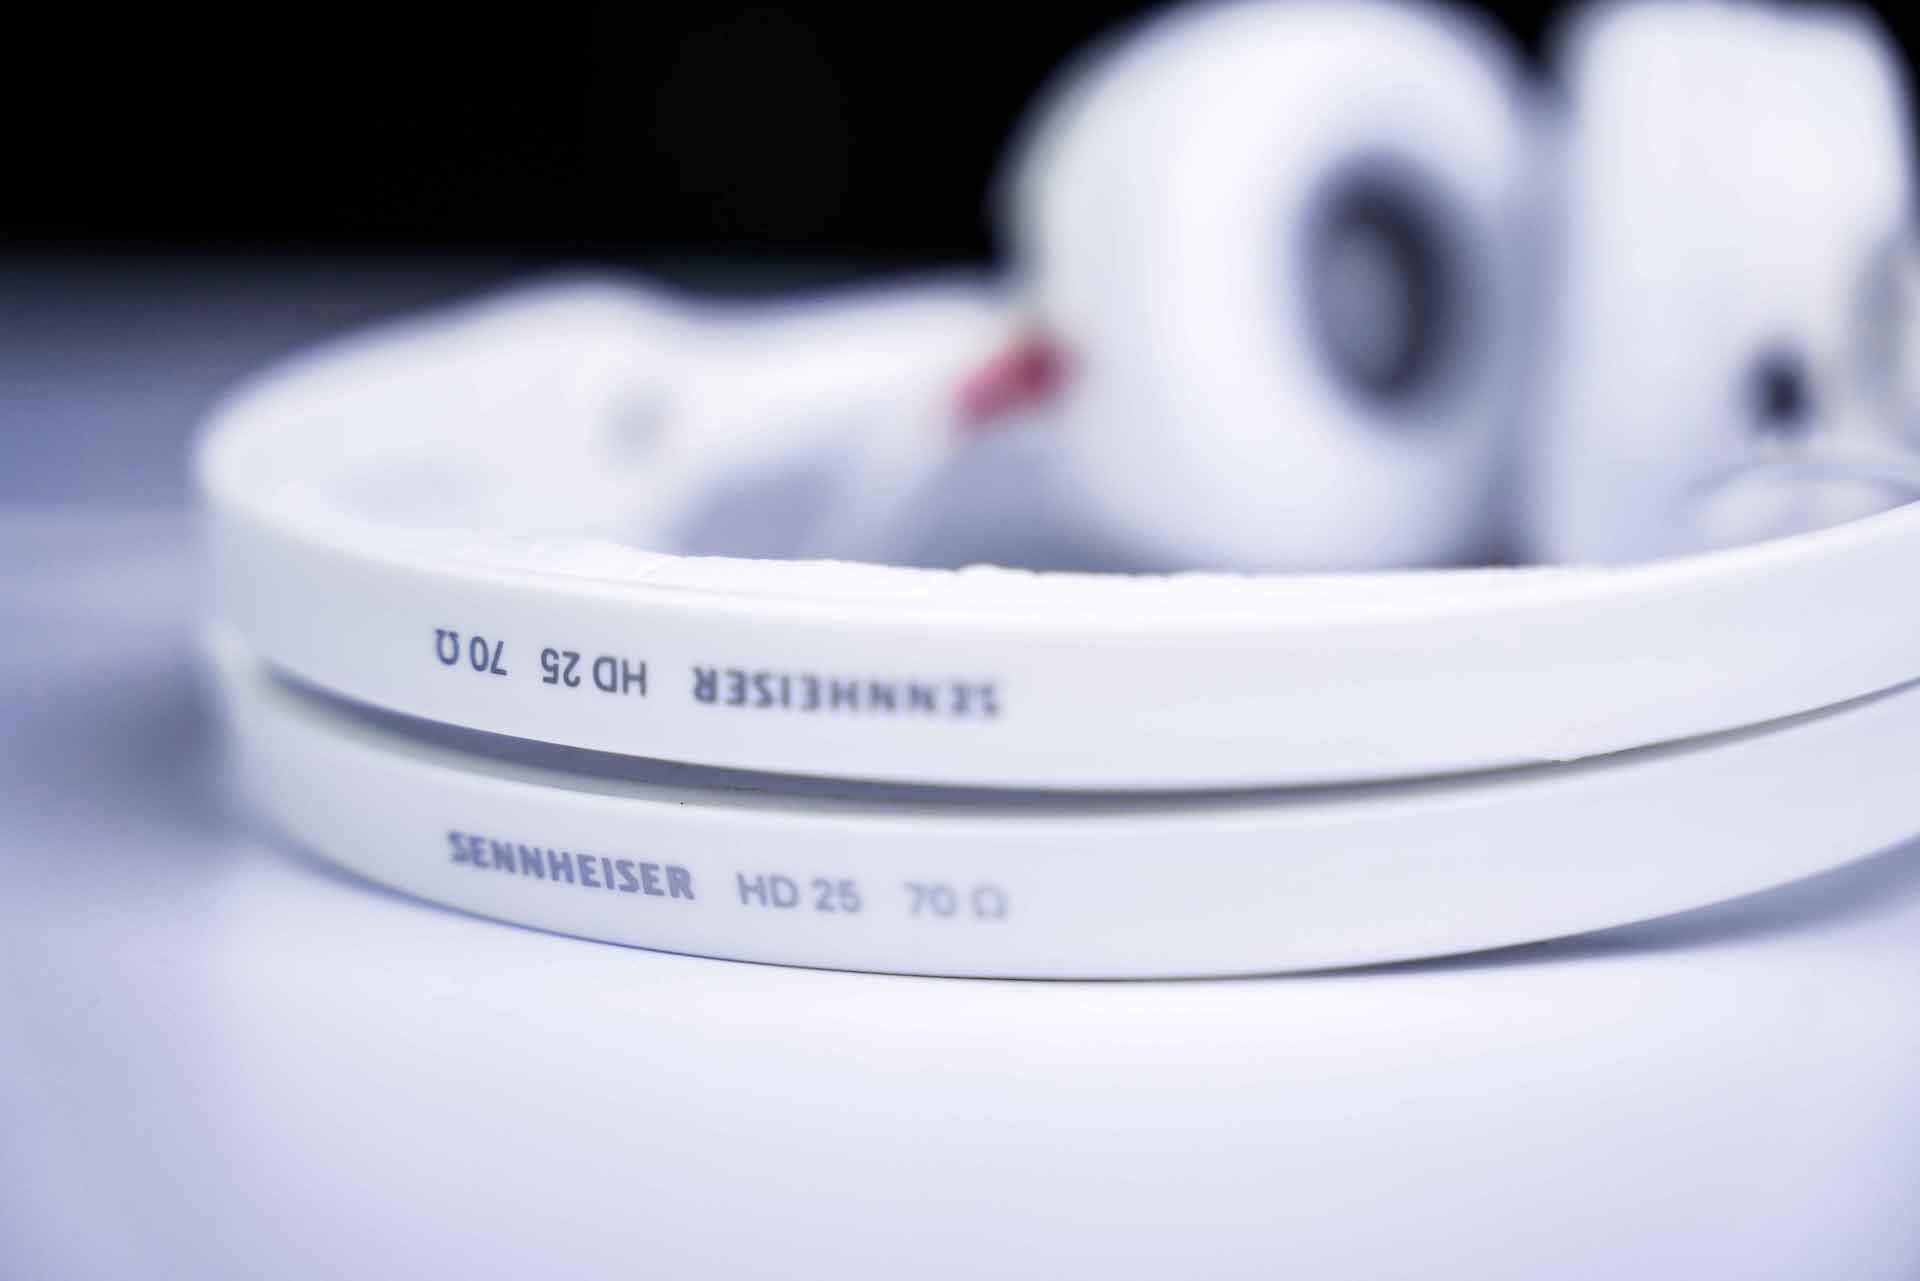 ゼンハイザーのモニターヘッドホン『HD 25』が待望のホワイトカラーに!スペシャルモデルが数量限定で登場 tech200910_sennheiser-hd25_11-1920x1281